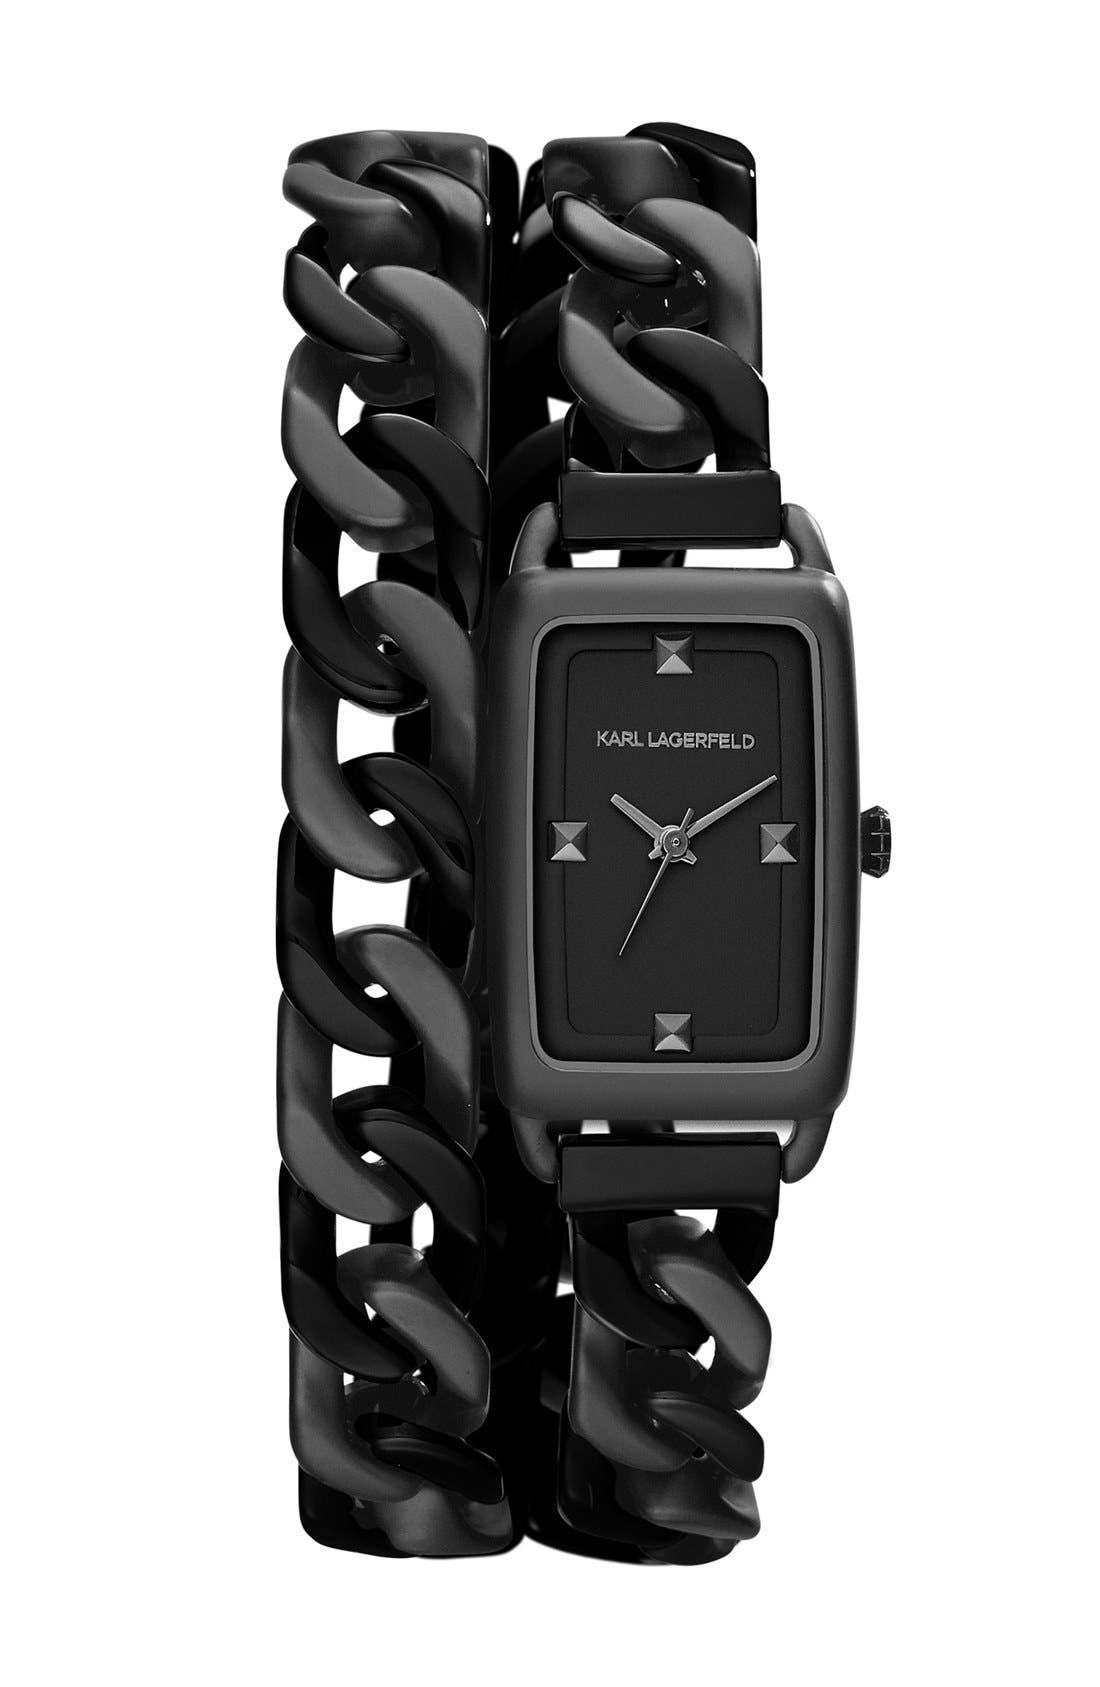 Main Image - KARL LAGERFELD 'Kourbe' Double Wrap Bracelet Watch, 20mm x 30mm